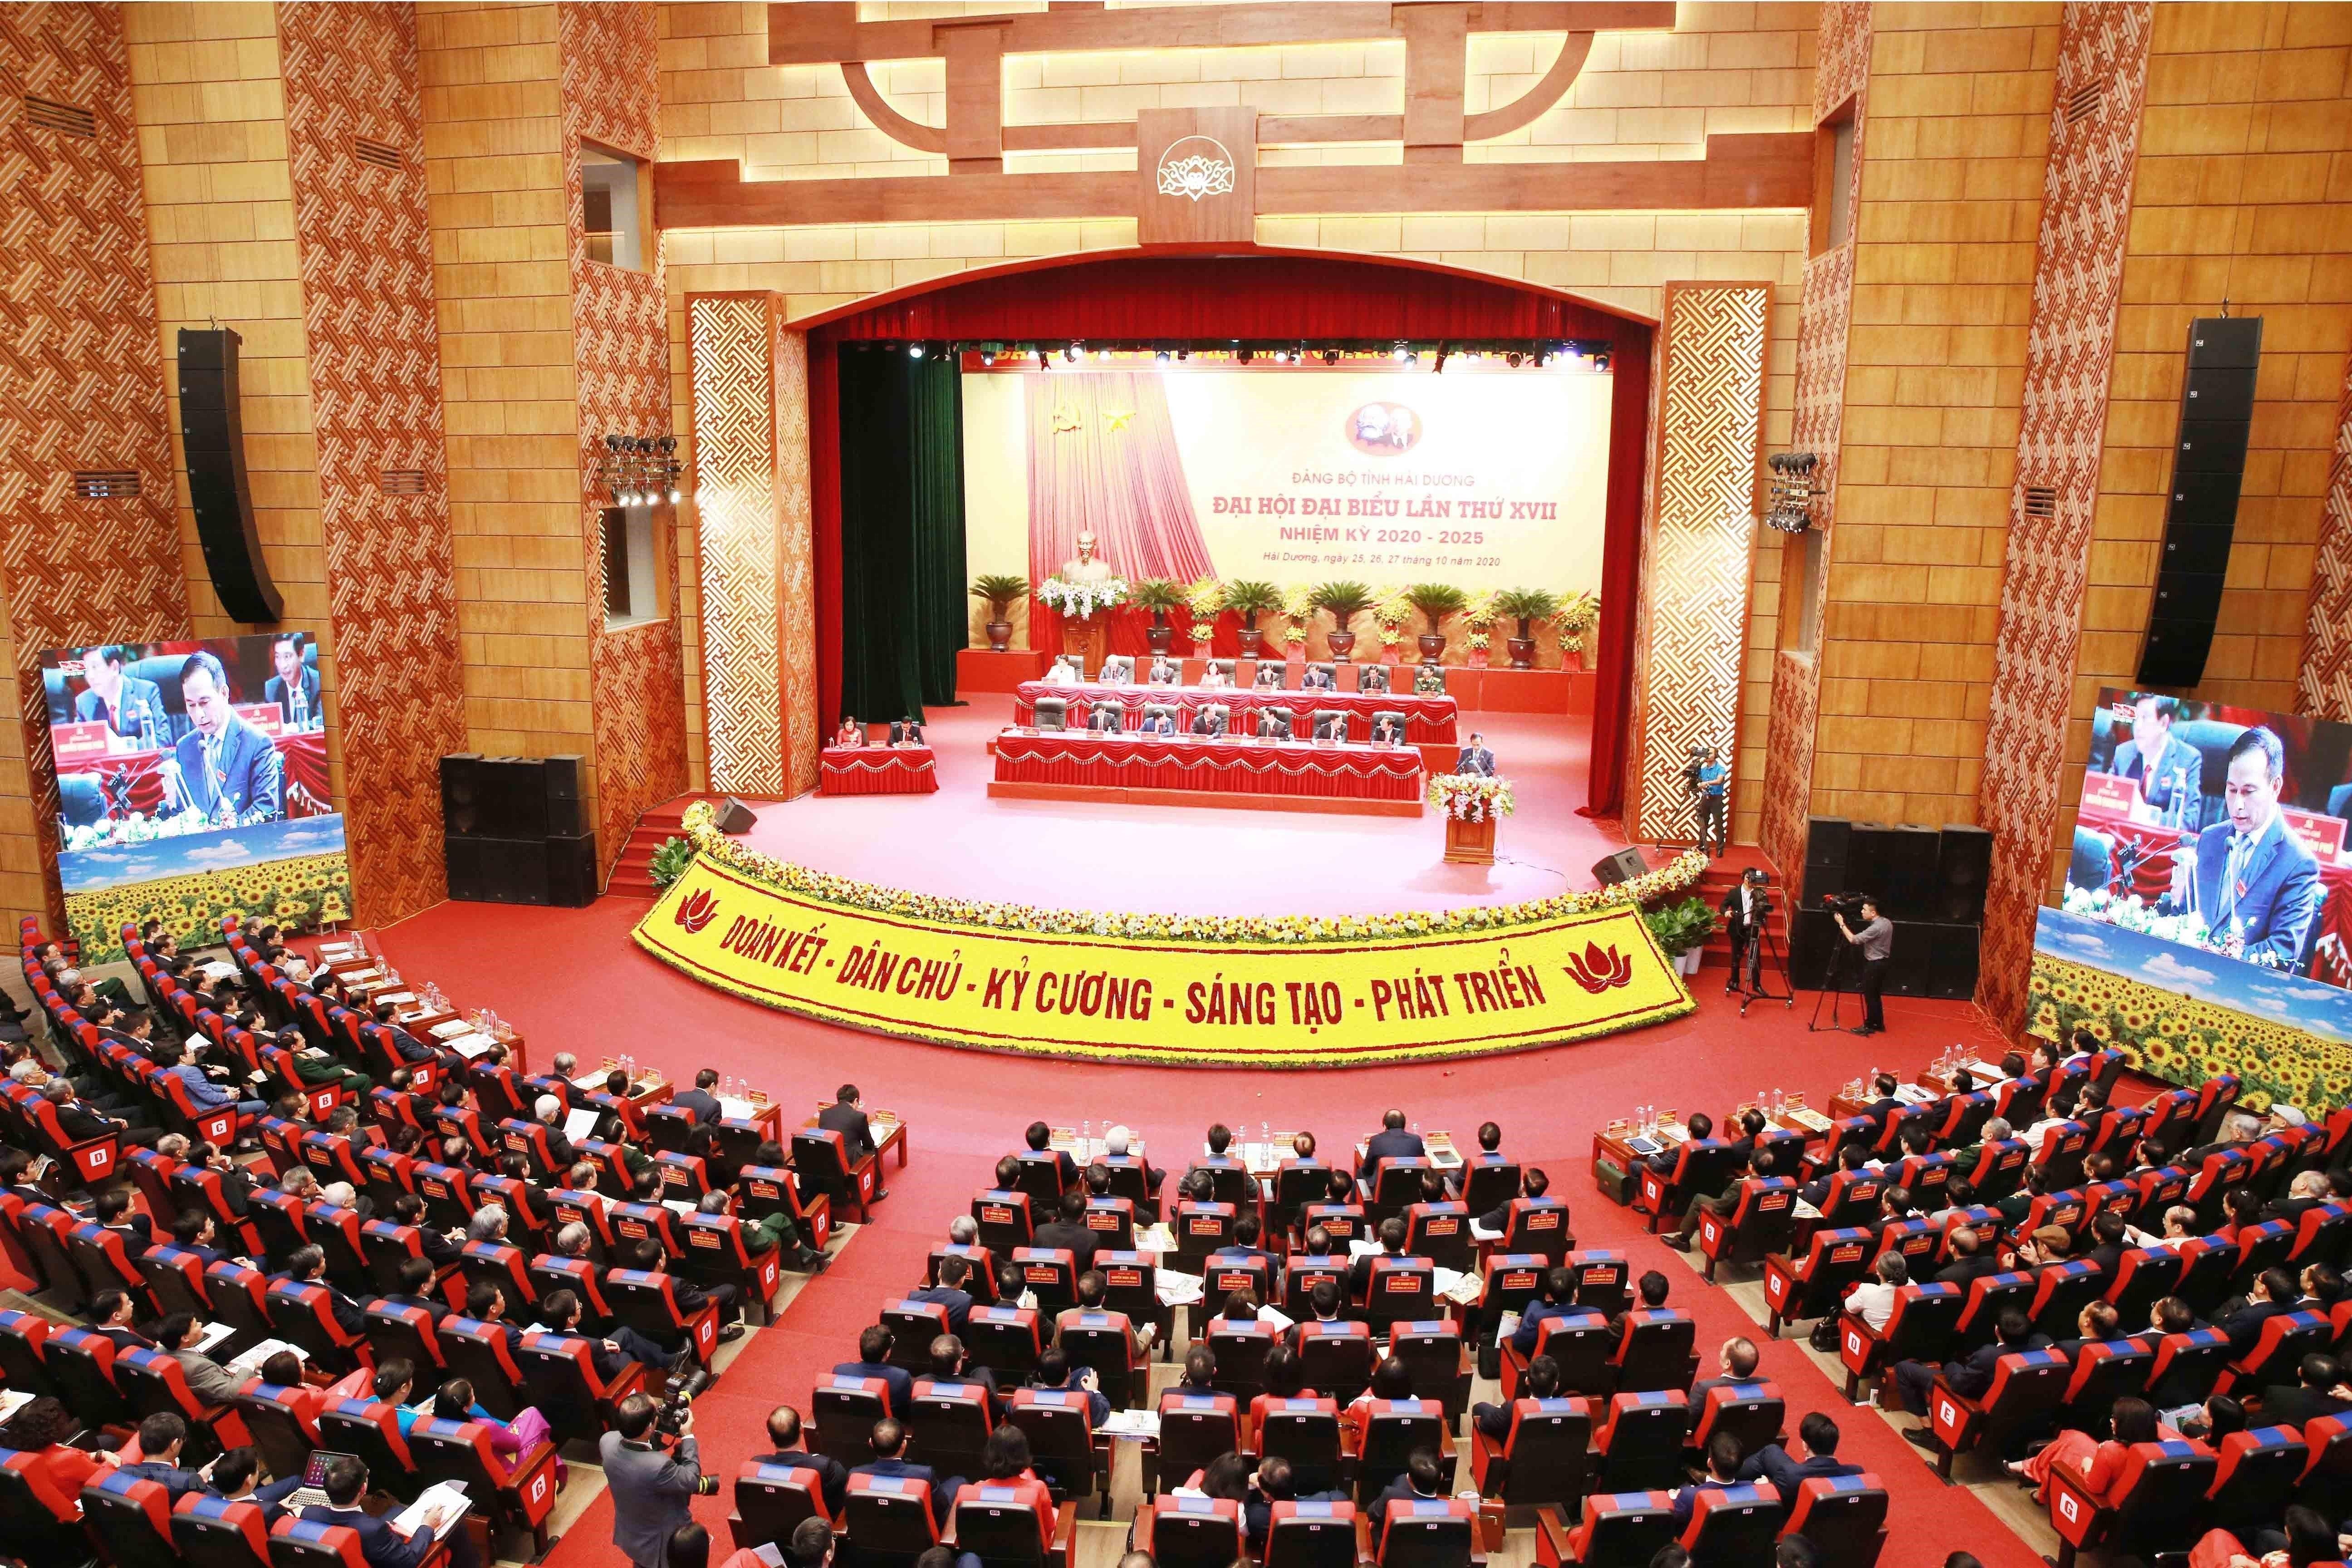 [Photo] Dai hoi dai bieu Dang bo tinh Hai Duong lan thu XVII hinh anh 15